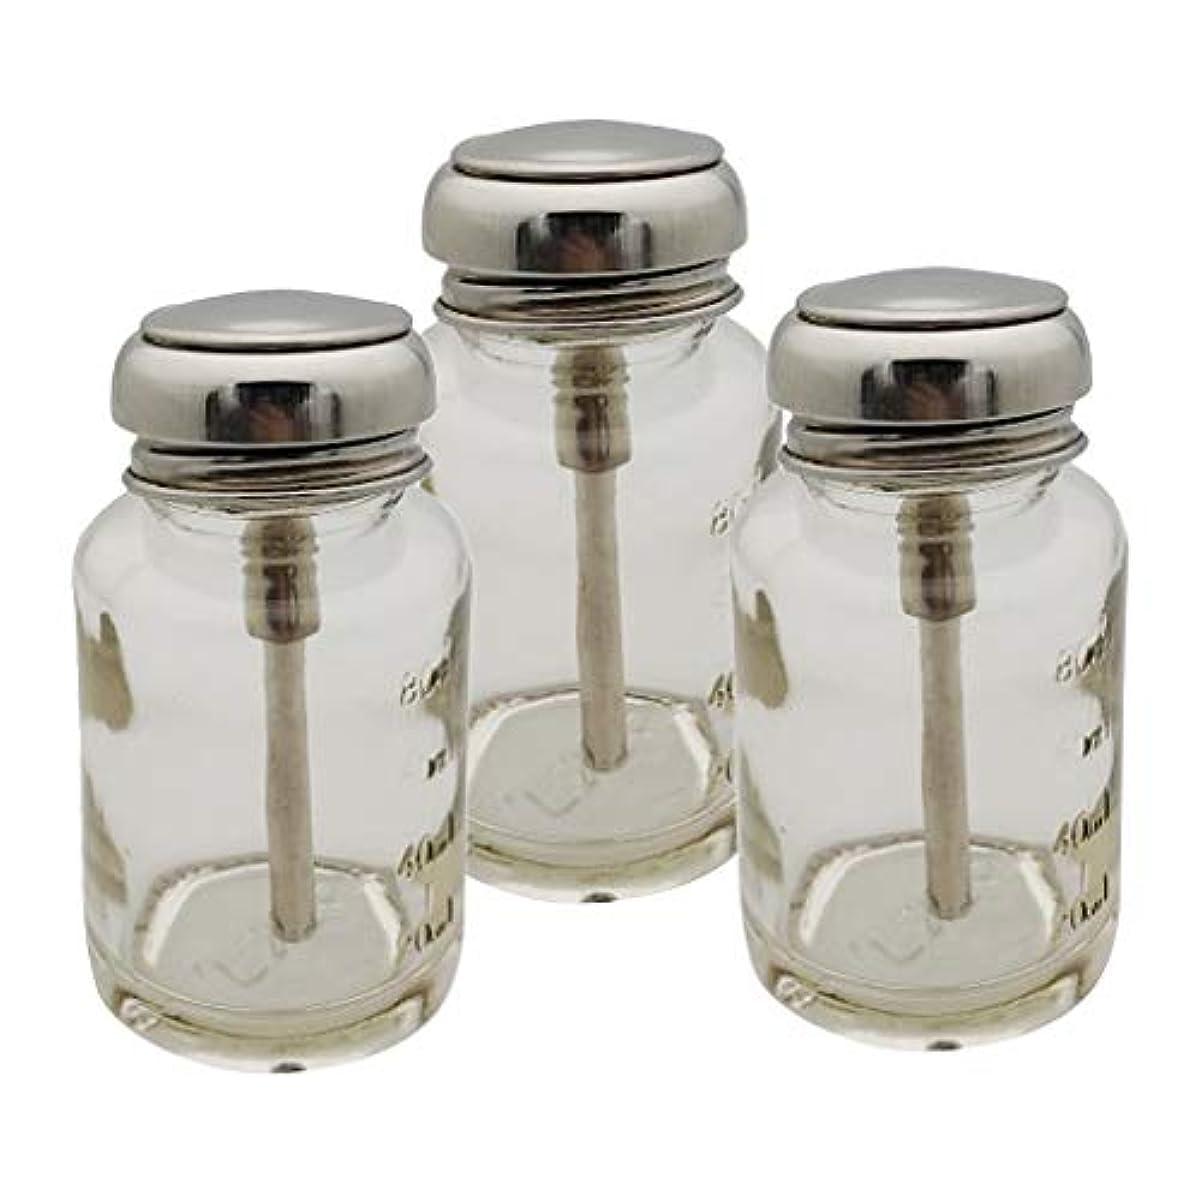 端末主に長老DYNWAVE ネイルクリーナーボトル ポンプボトル 容器 ポンプディスペンサー ネイル 綿球 綿棒 ブラシ 使用 3個入り